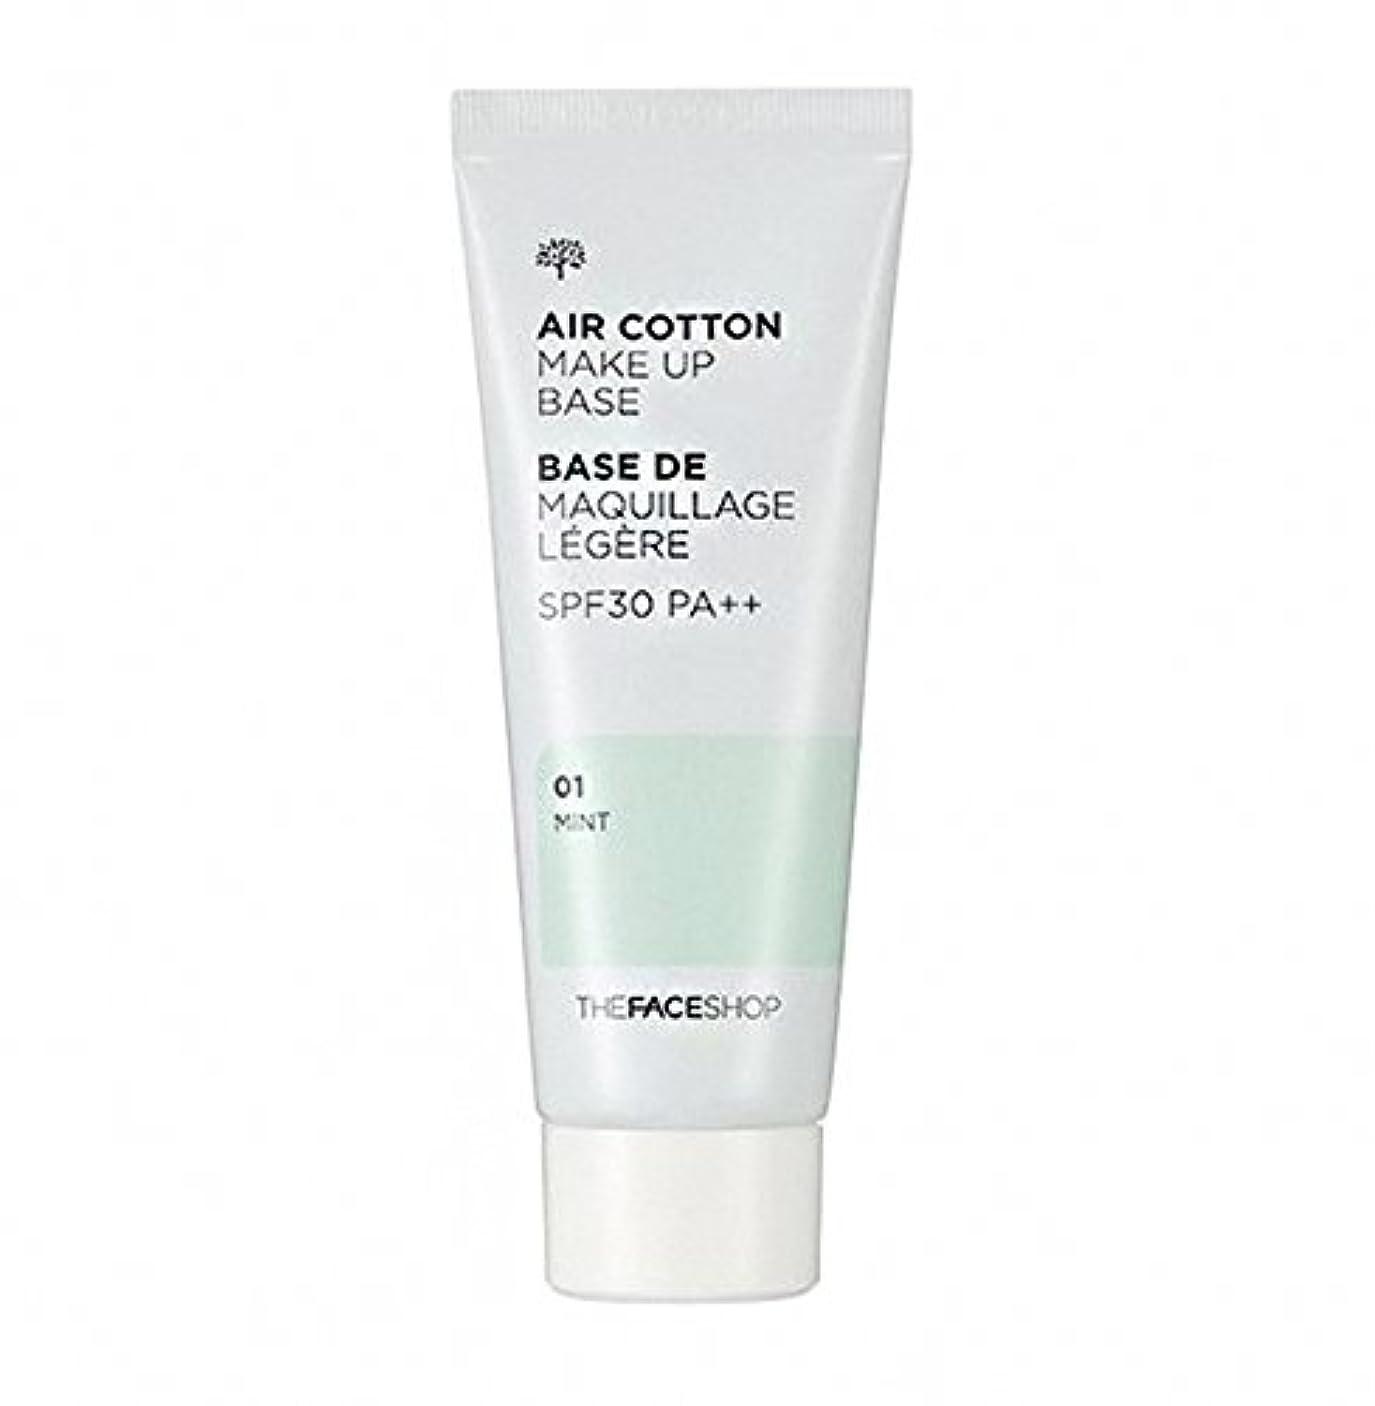 不良確かに爆発物ザ·フェイスショップ The Face Shop エアコットン メーキャップ ベース 40ml(01 ミント) The Face Shop air Cotton Makeup Base 40ml(01 Mint) [海外直送品]